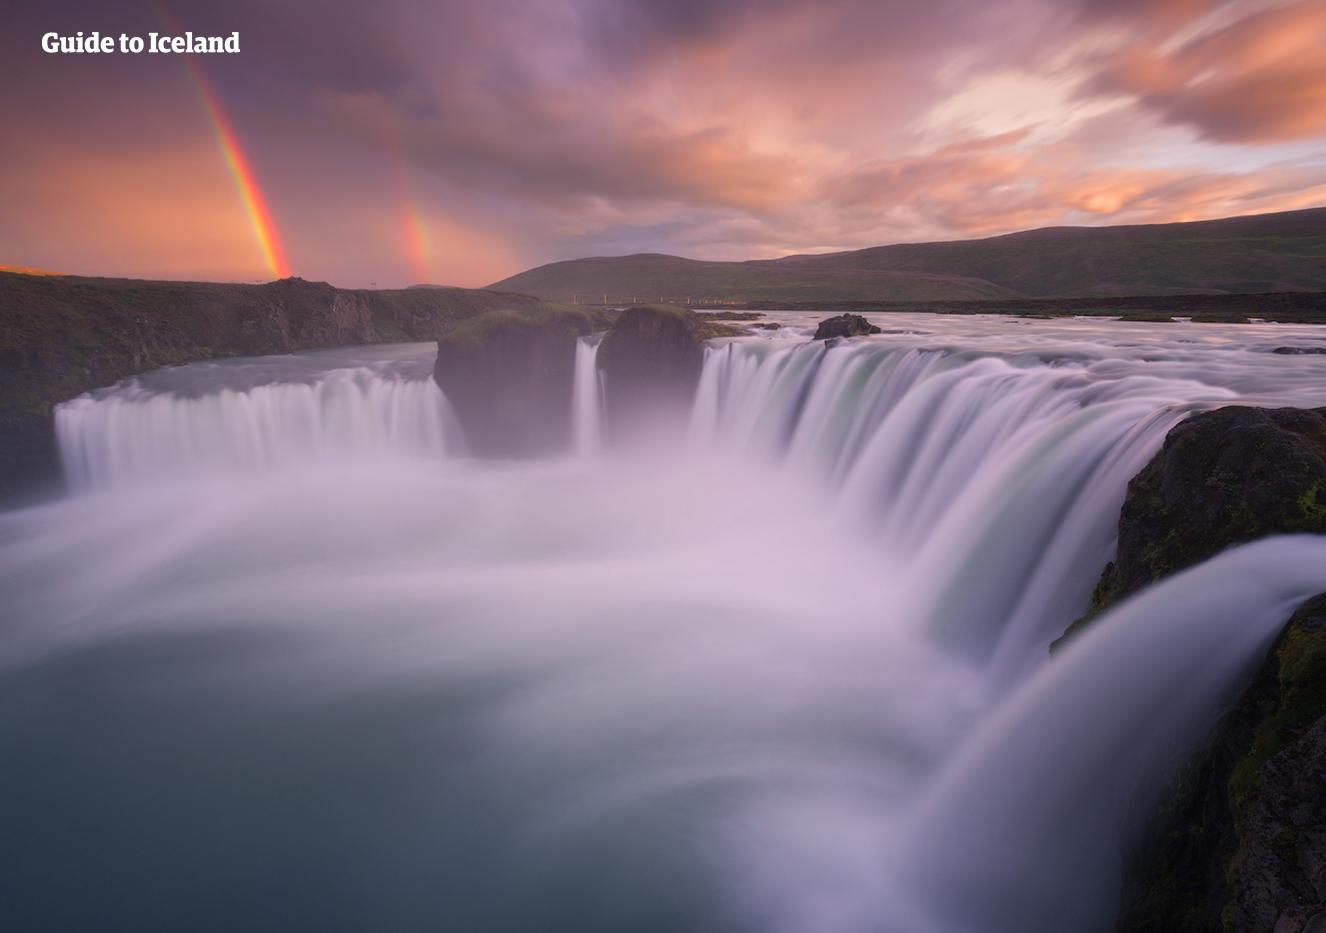 Goðafoss众神瀑布是冰岛北部最著名的瀑布之一